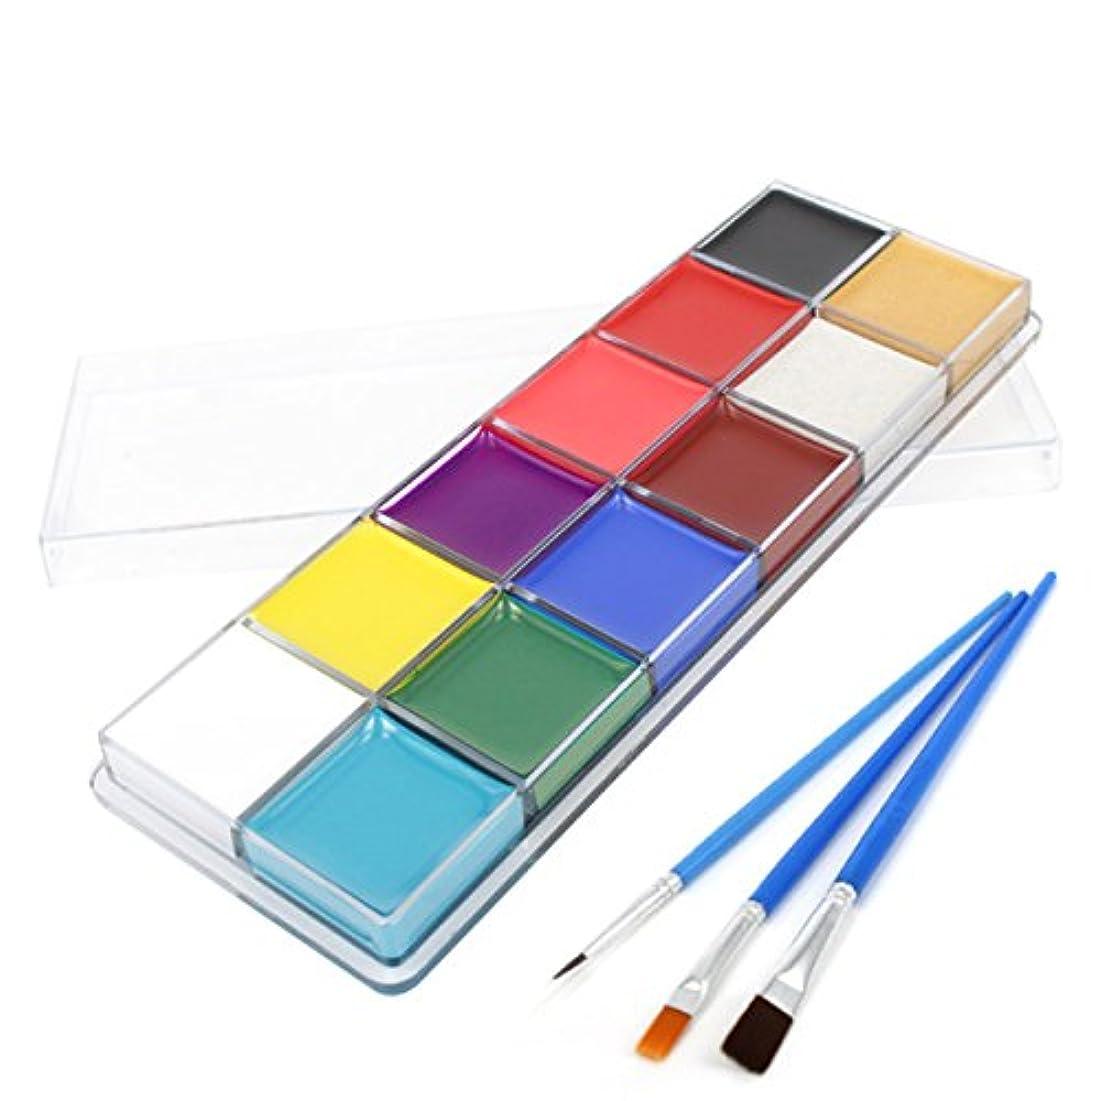 経由で恐怖復活するBeaupretty Face Painting Kits Professional 12 Colors Art Party Fancy Make Up Set with brush